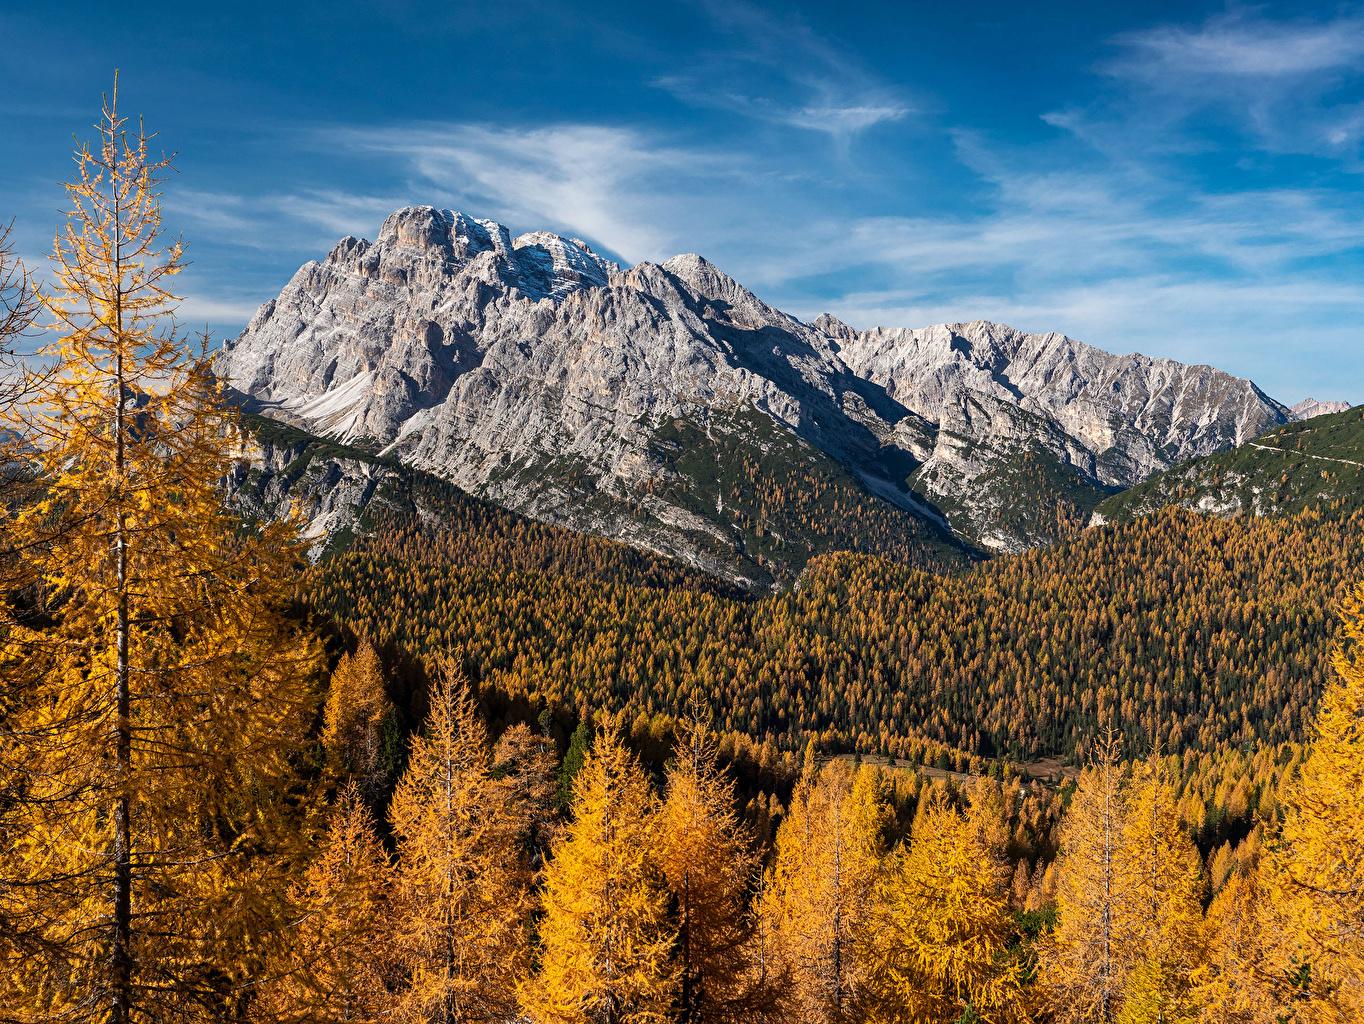 Desktop Hintergrundbilder Alpen Deutschland Natur Herbst Gebirge Wälder Laubmoose Berg Wald